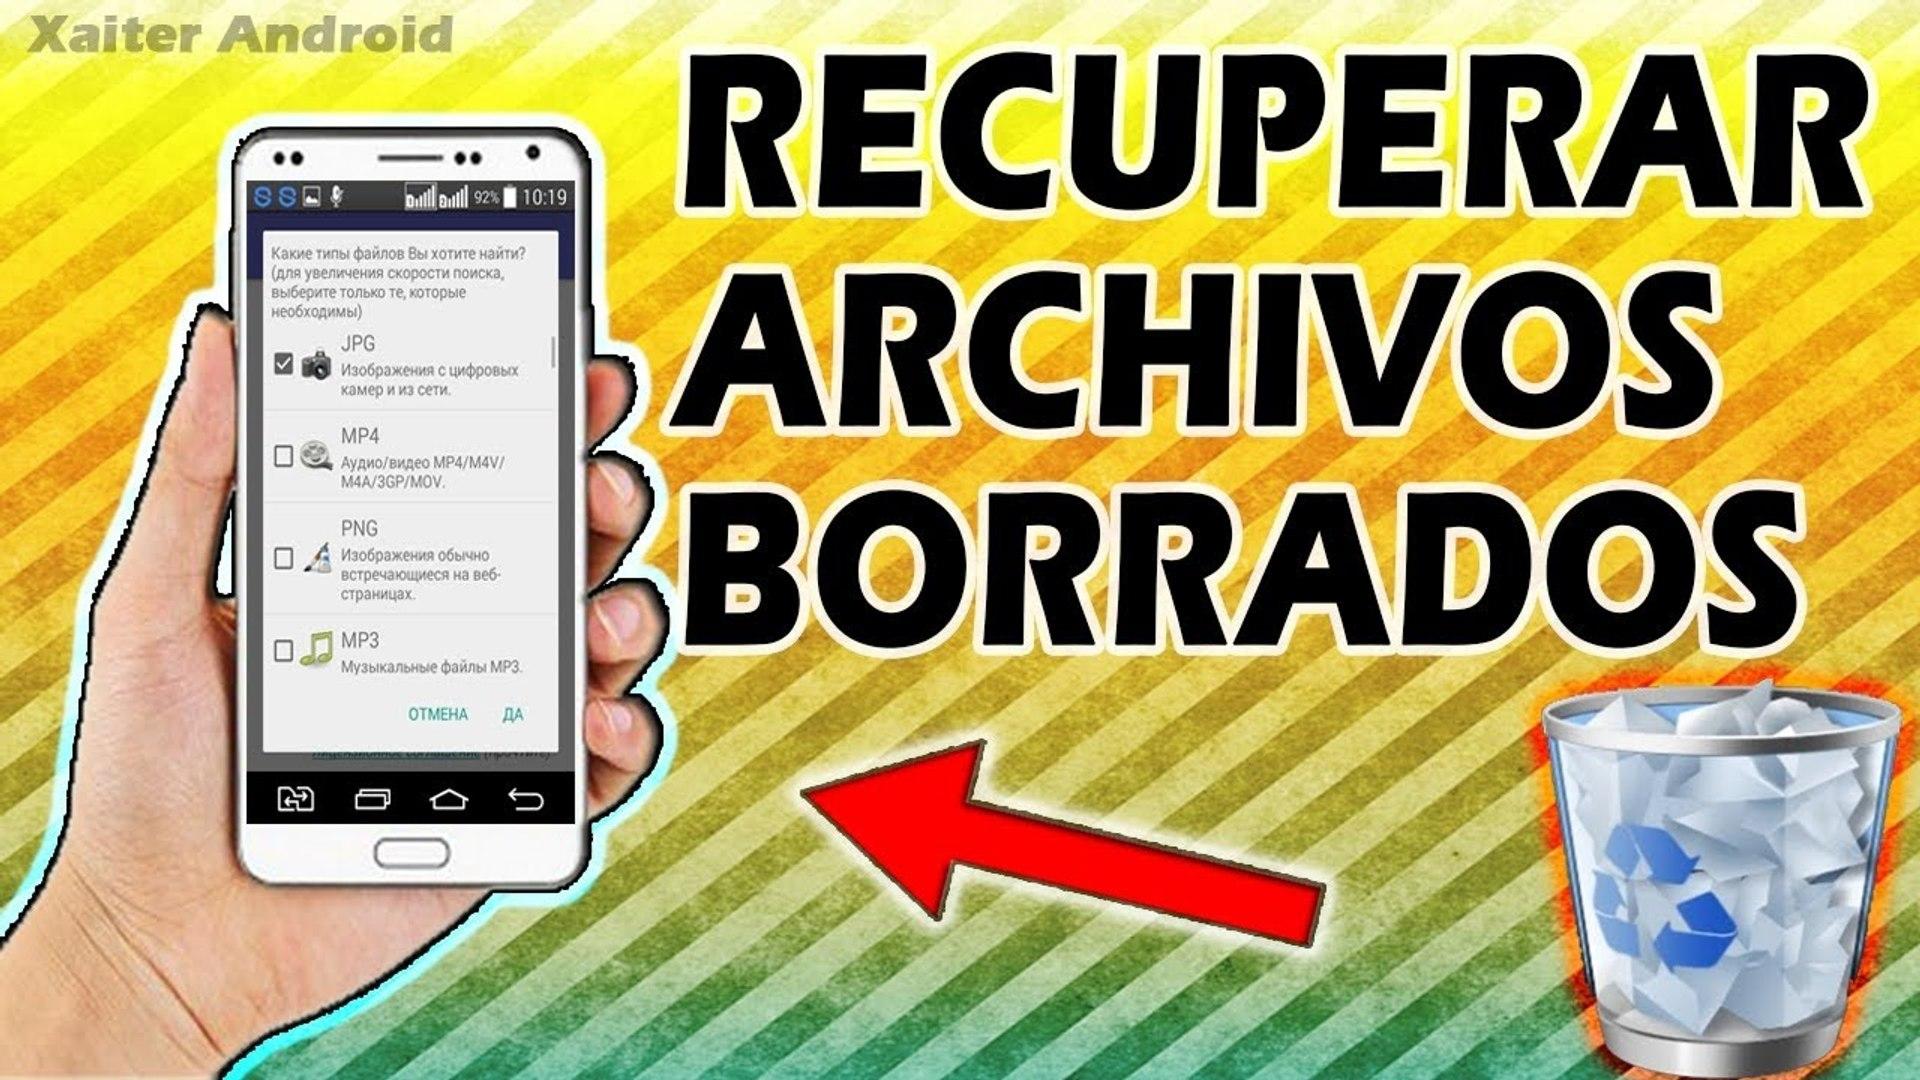 recuperar tus fotos,conversaciones de whastapp, contacto,audios, videos,